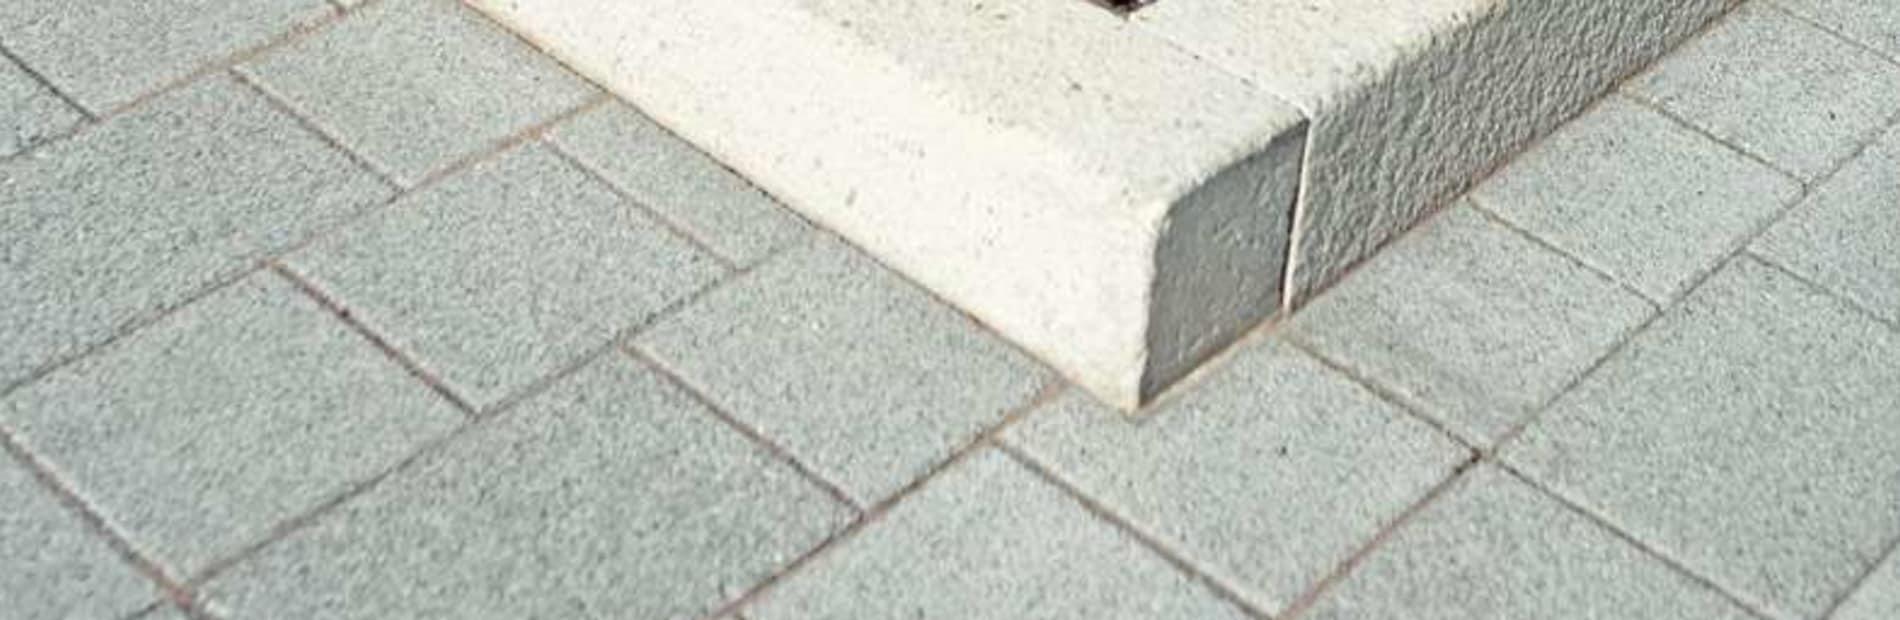 marshalls saxon textured